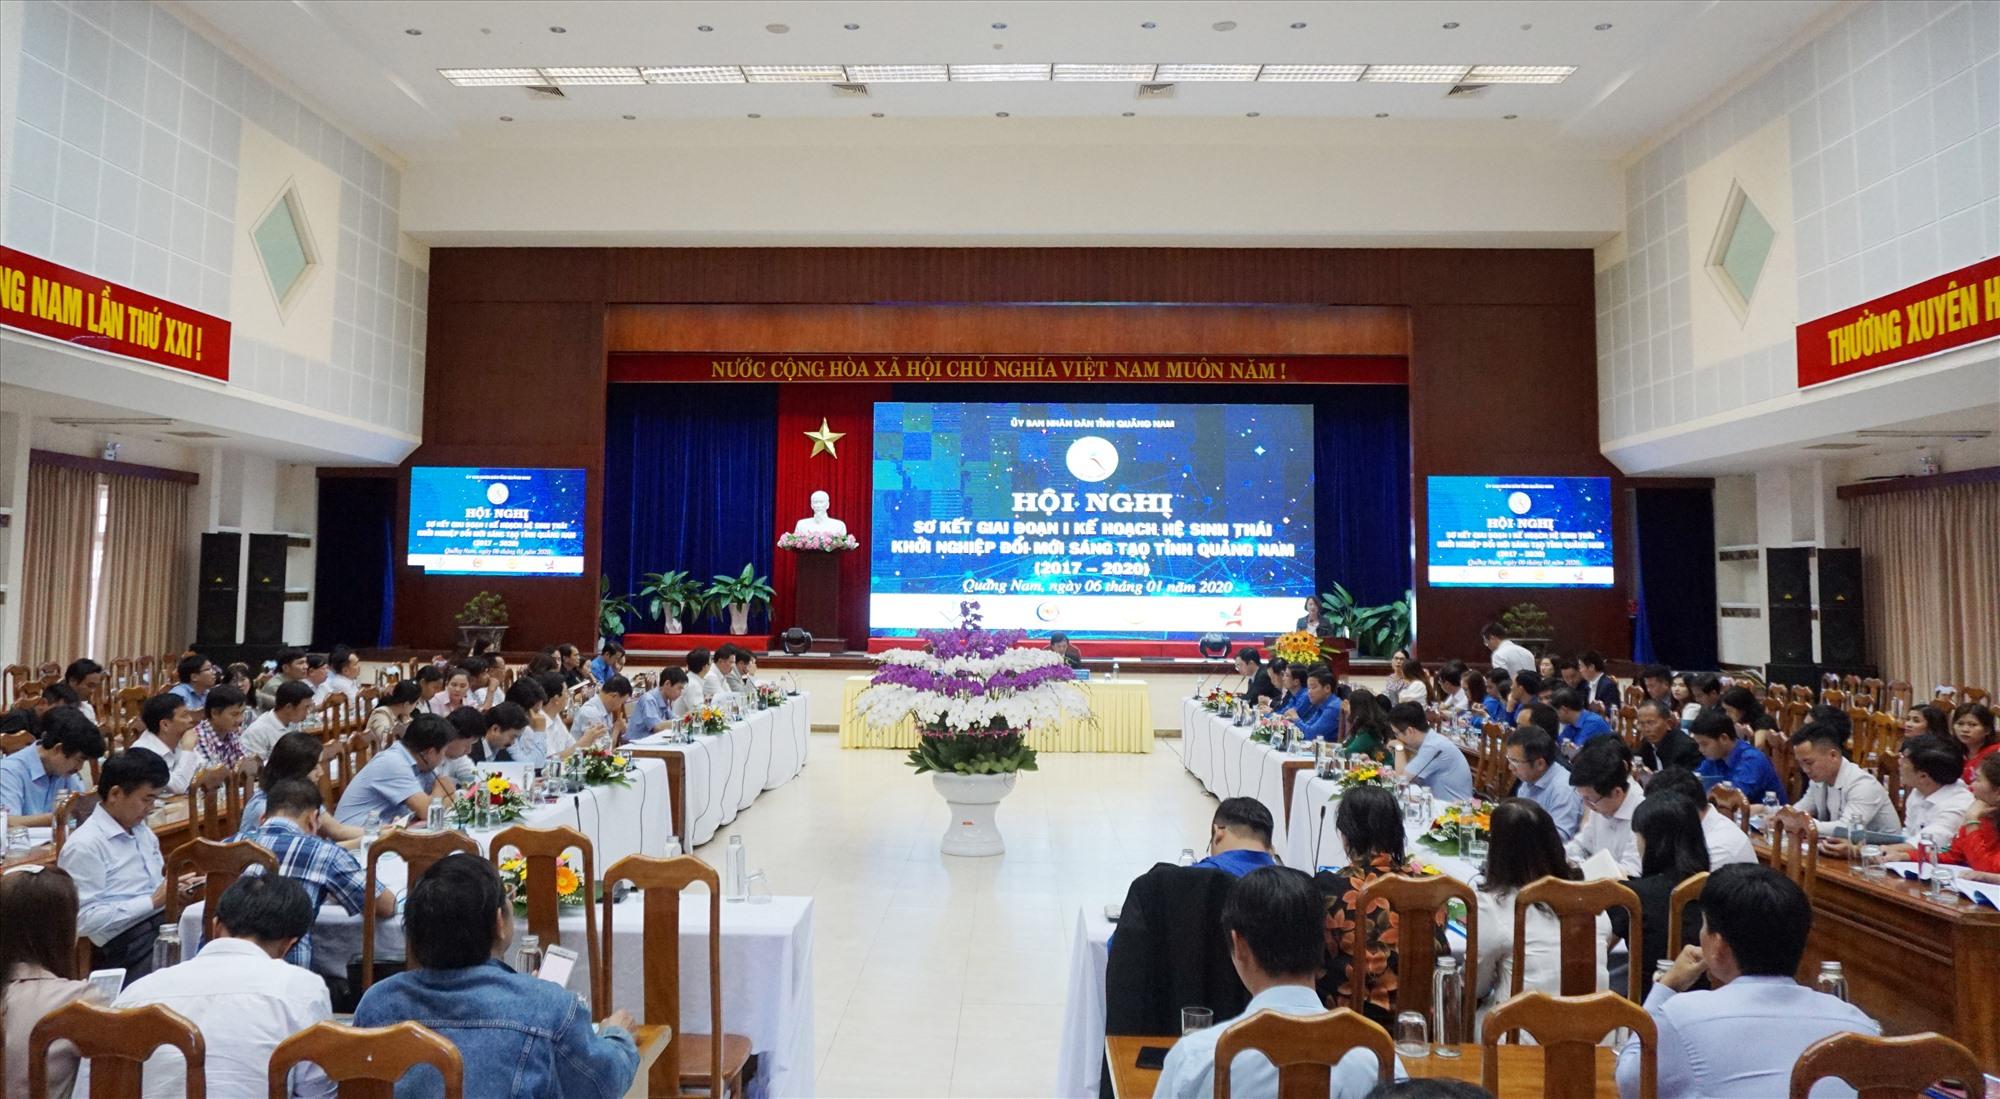 Hội nghị sơ kết giai đoạn I kế hoạch Hệ sinh thái khởi nghiệp đổi mới sáng tạo tỉnh (2017 - 2020) UBND tỉnh tổ chức hồi đầu năm 2020.Ảnh: LÊ QUÂN